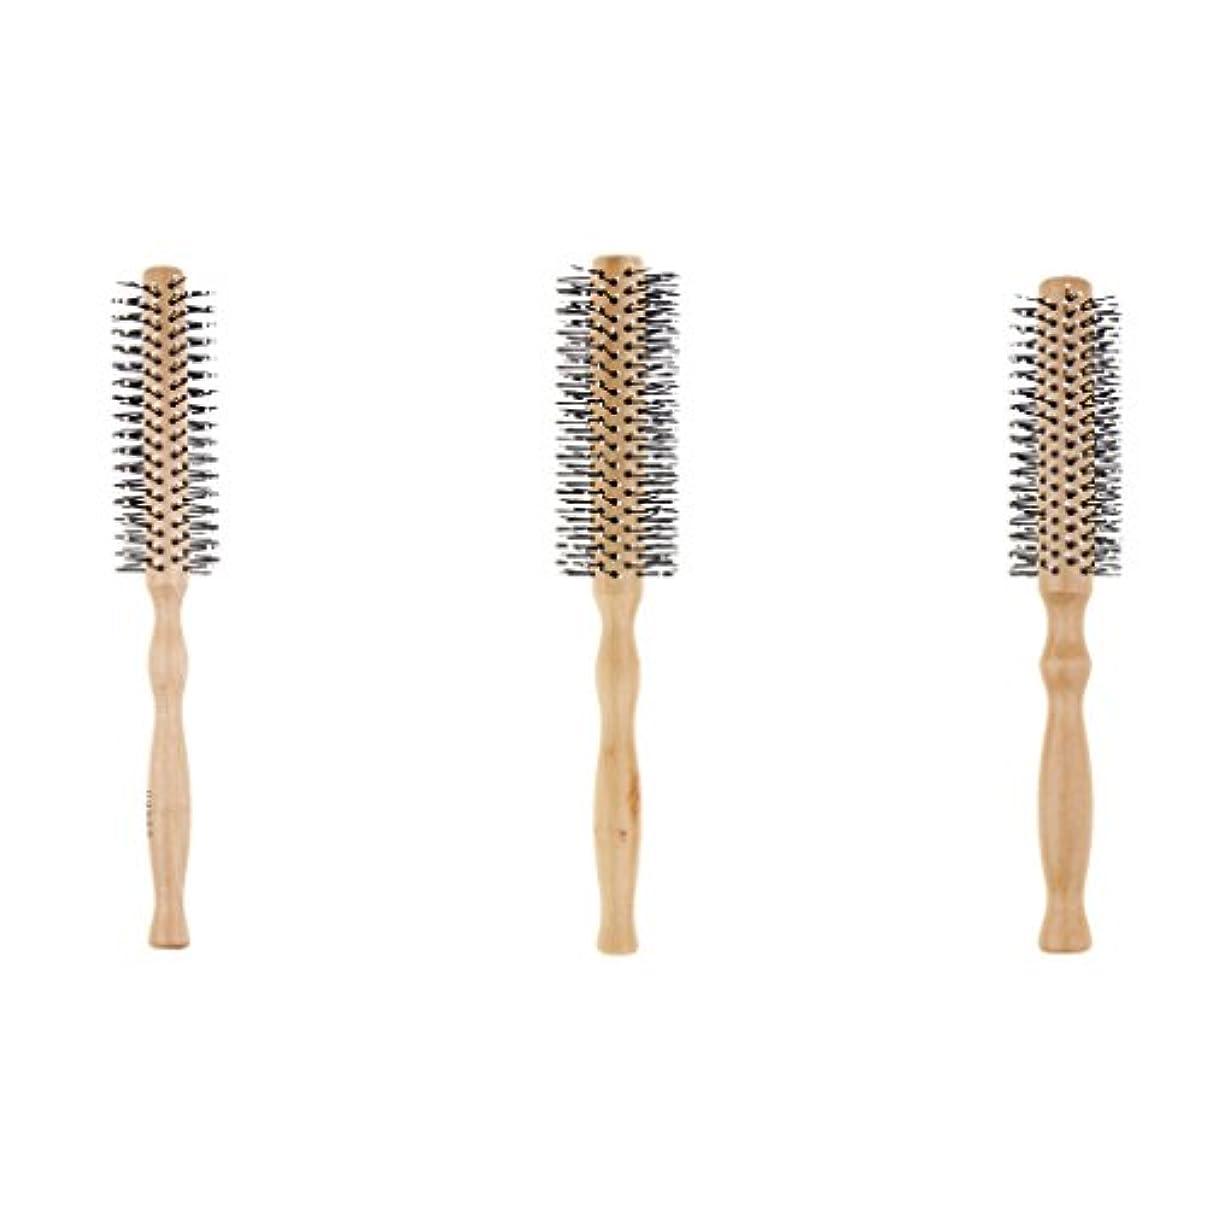 健康的ぐったりペナルティCUTICATE ヘアブラシ ラウンド ロールブラシ 巻き髪 木製櫛 3本